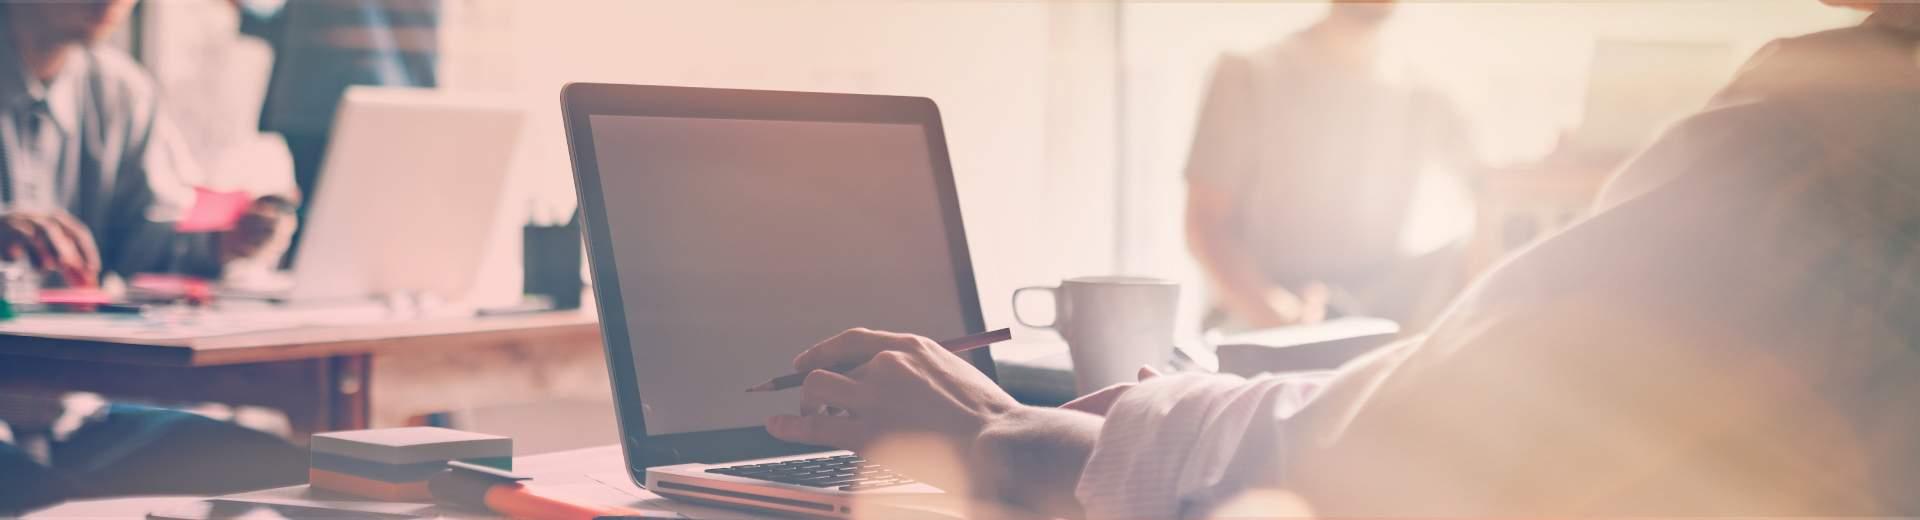 formation réseaux sociaux cannes my revenue partner